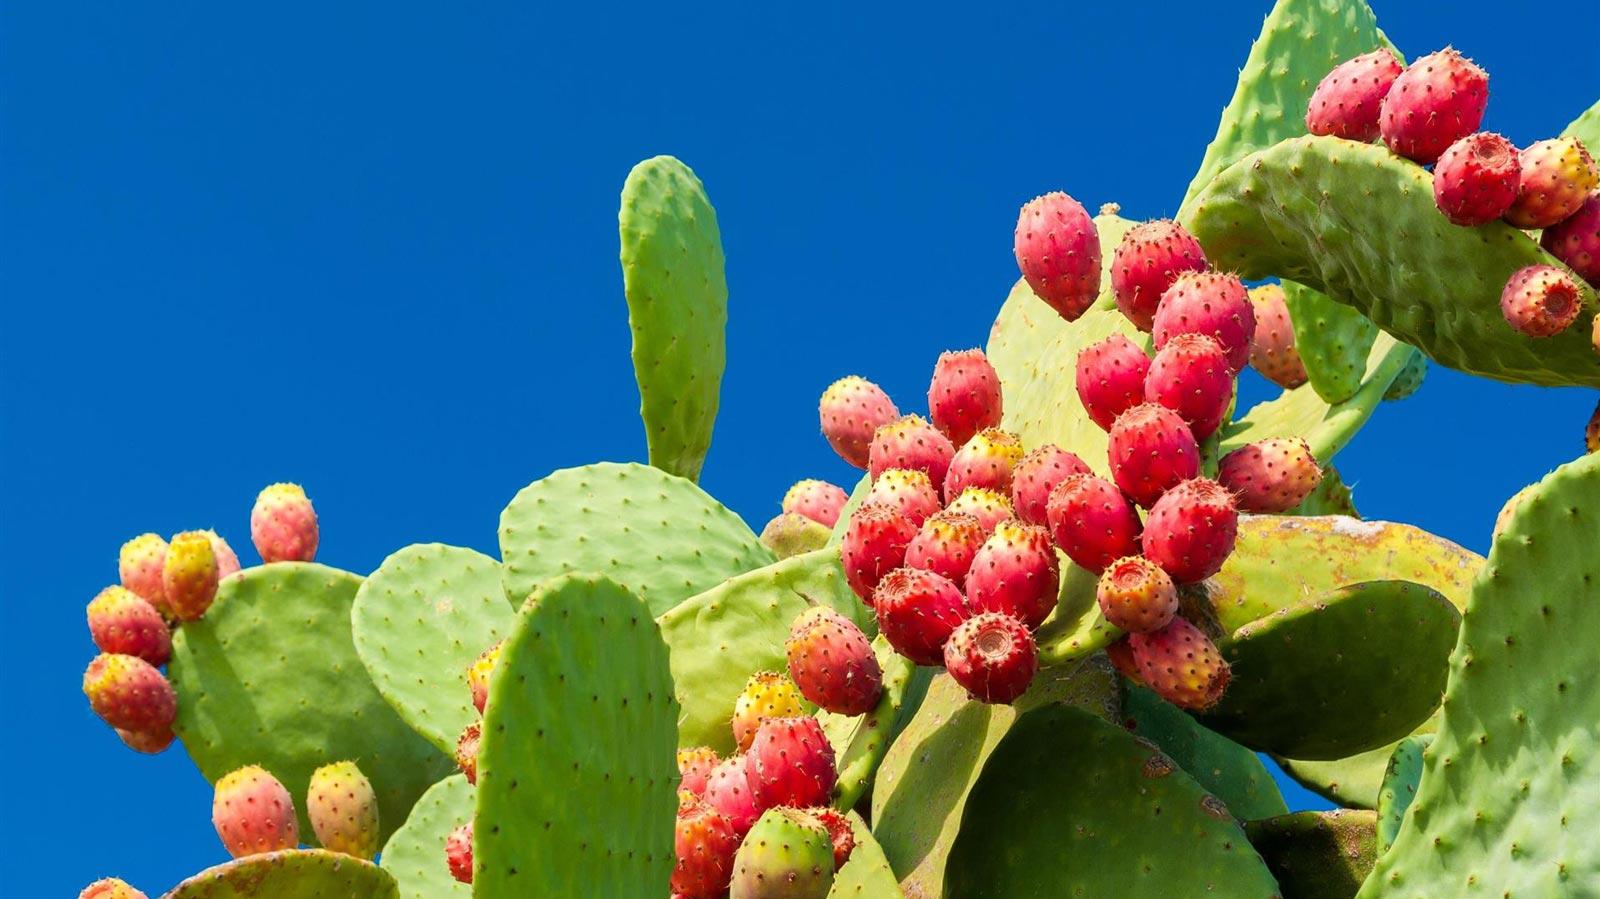 Mexico grootste teler van cactusvijgen ter wereld